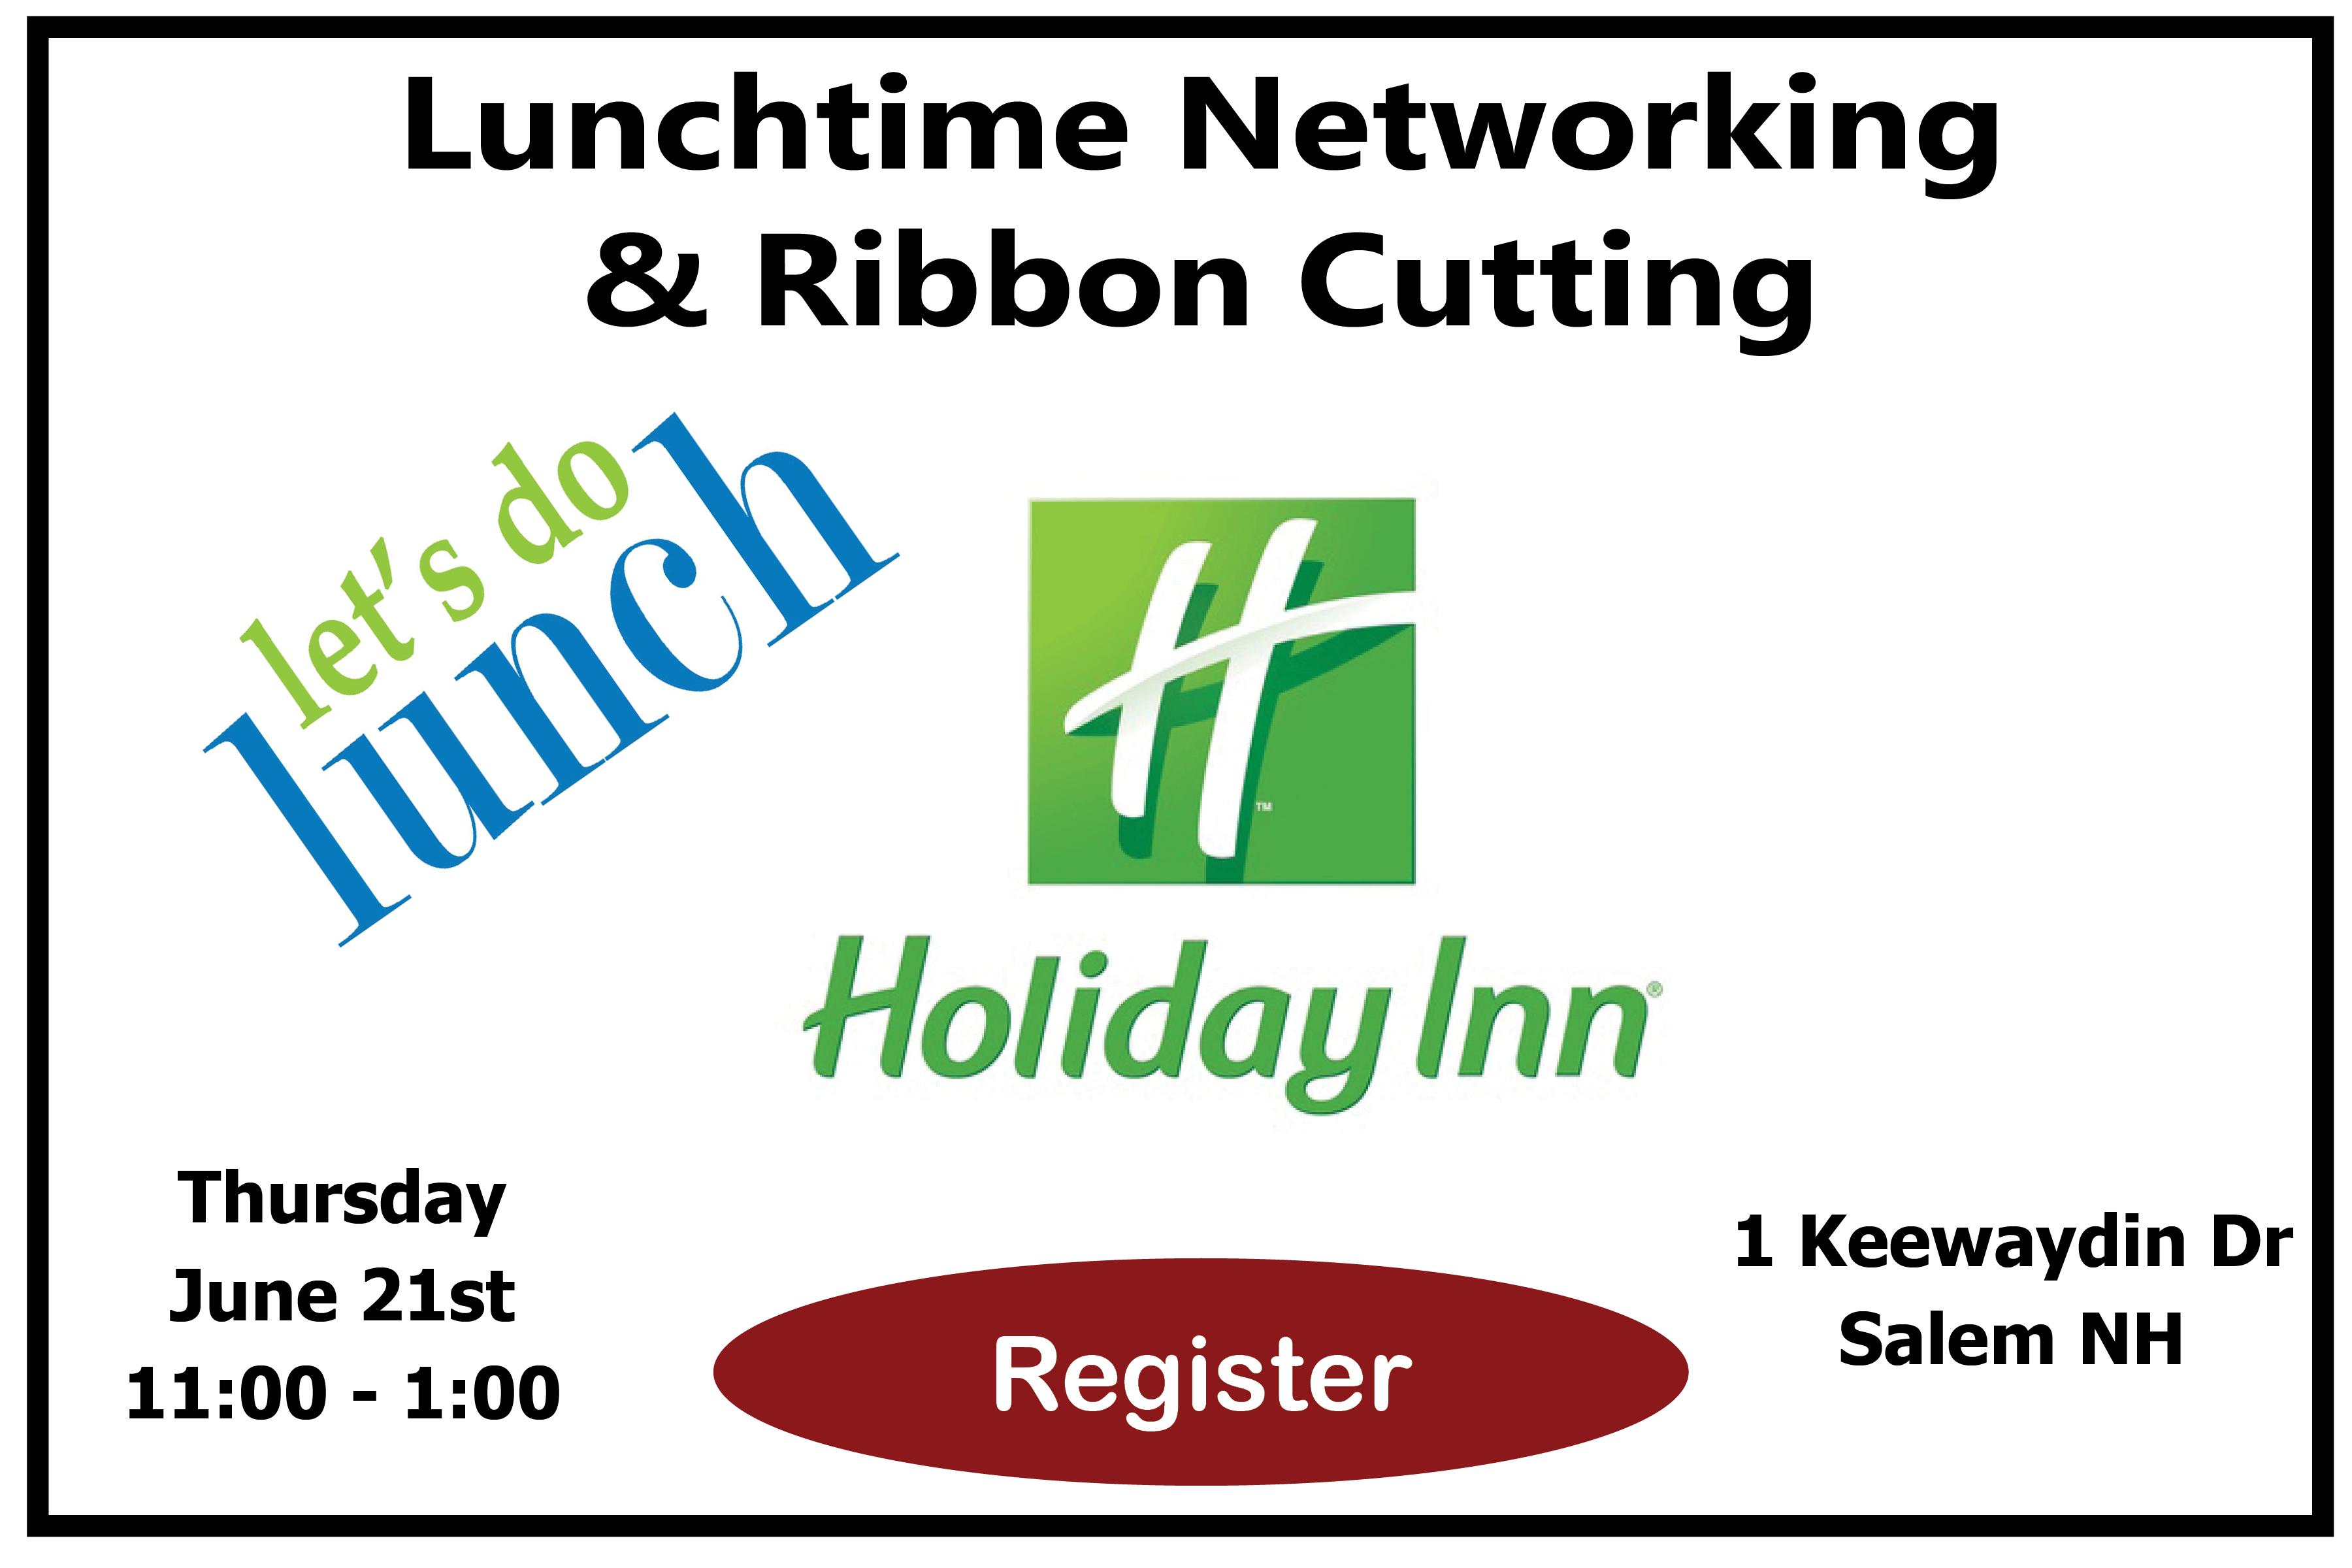 Holiday-Inn-Lunchtime-Networking2018-slider.jpg